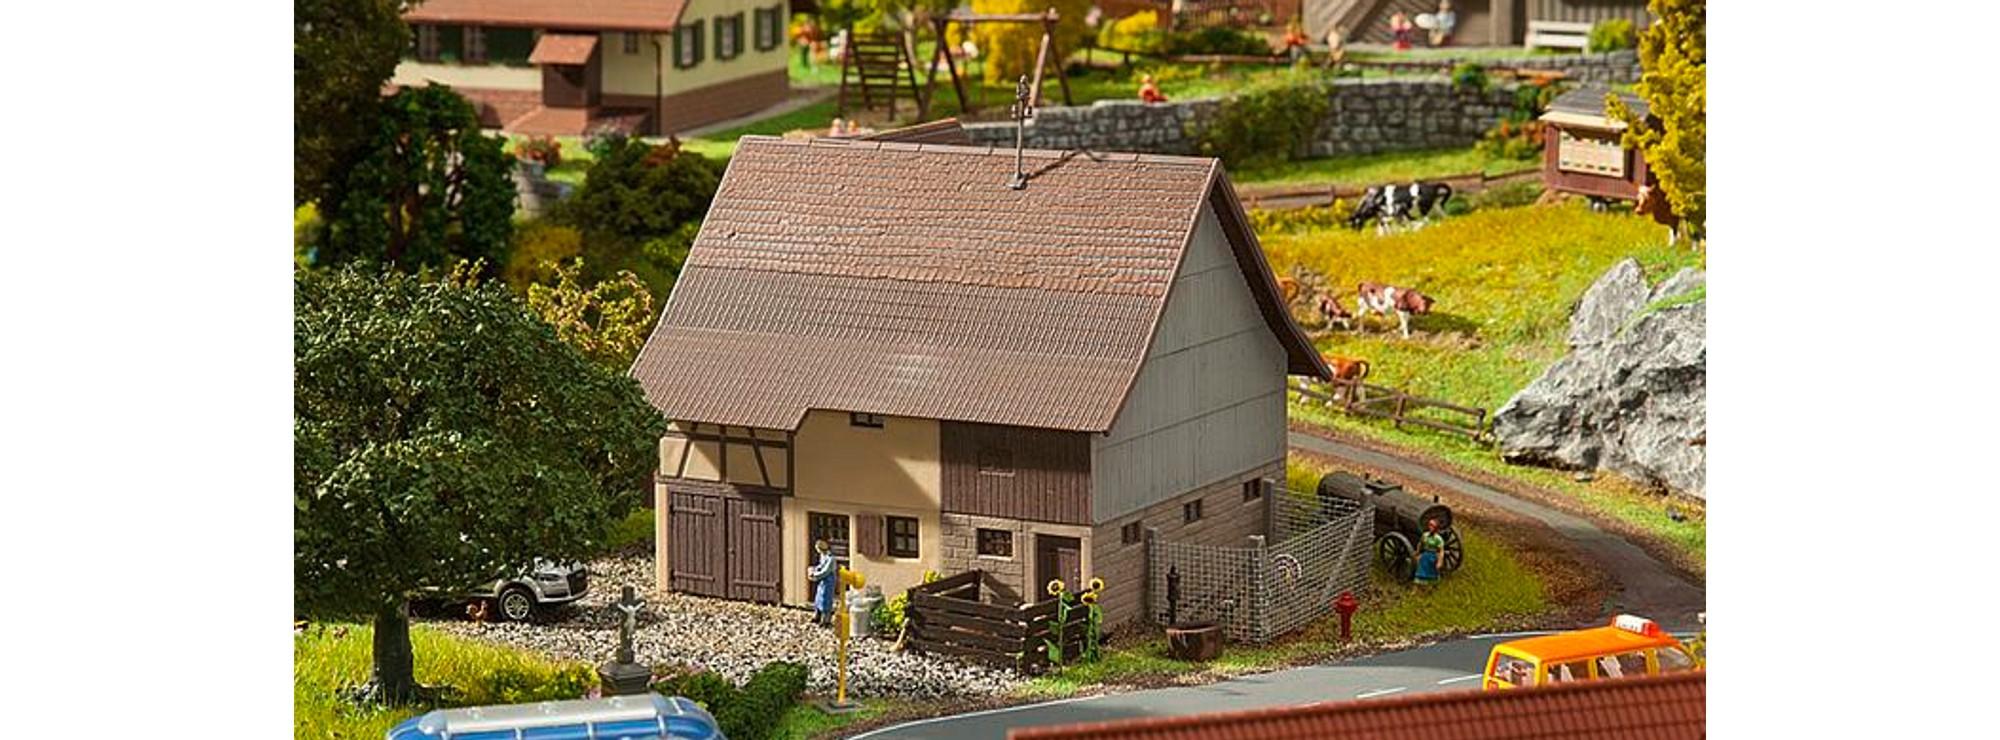 Faller 151007 H0 Figuren Auf dem Bauernhof